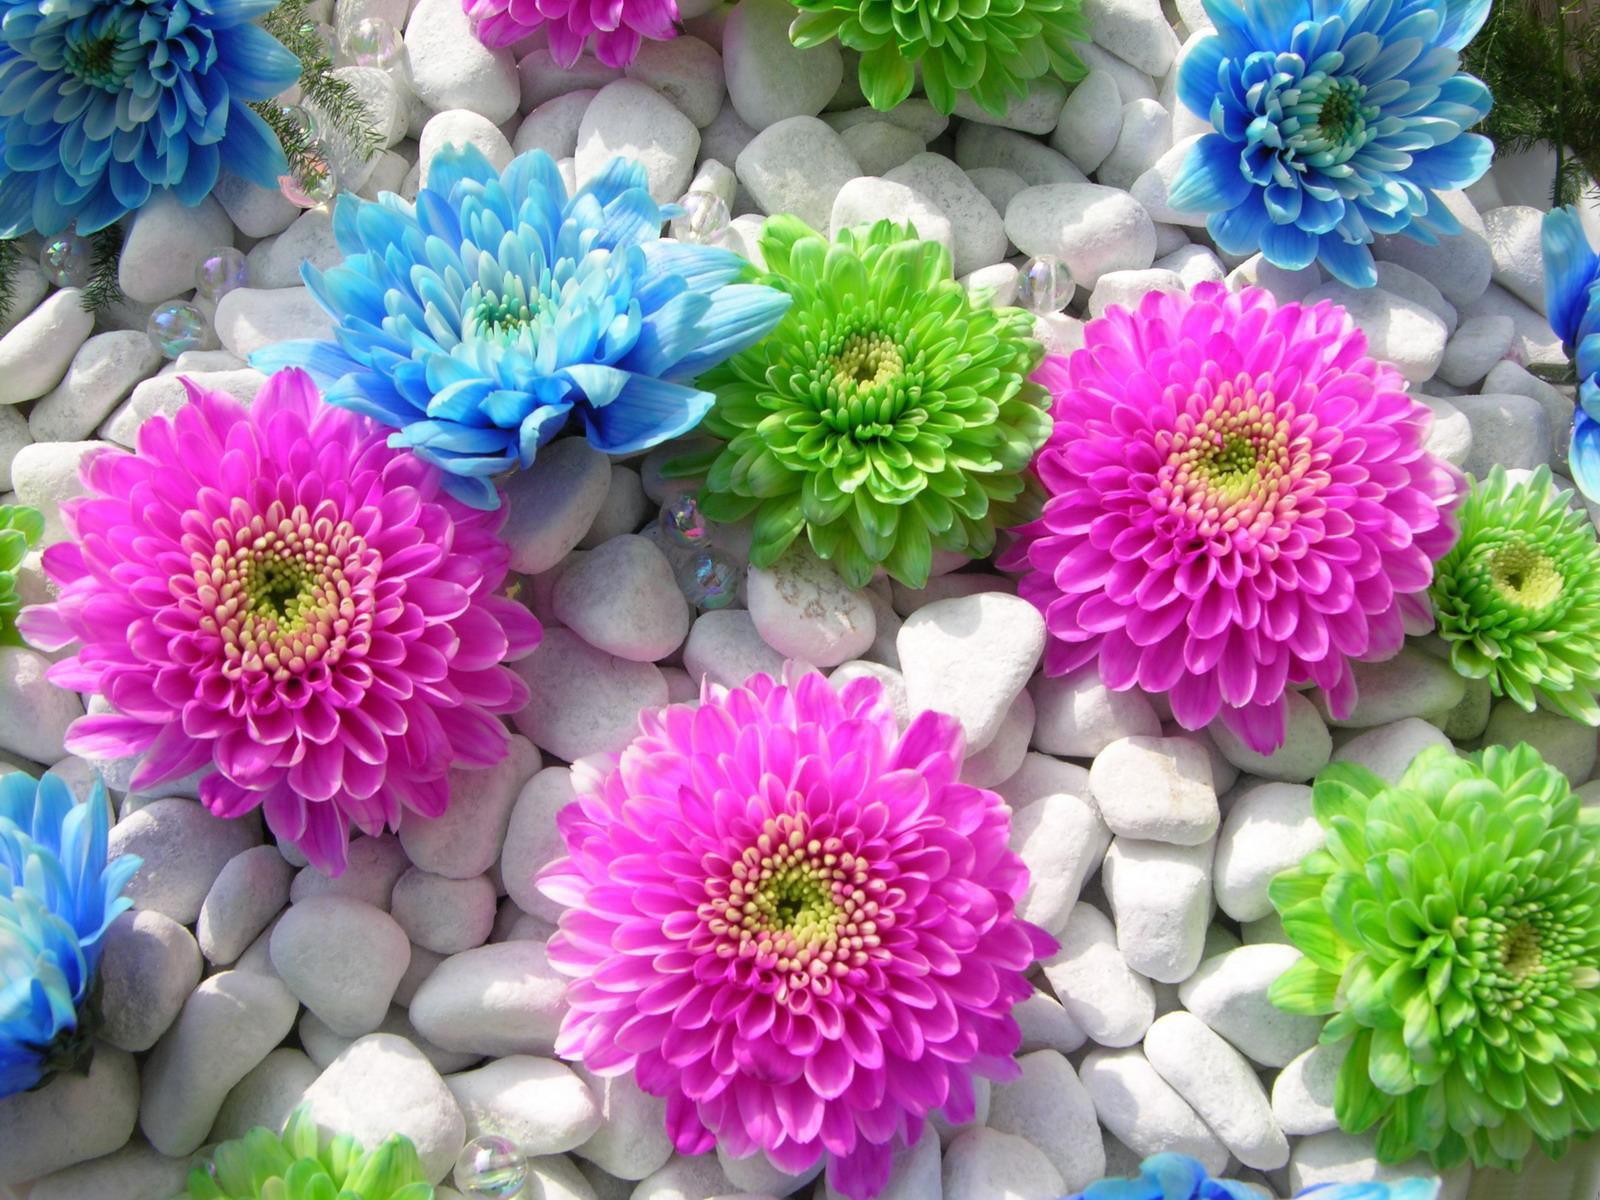 بالصور صور ازهار , احلي صور لازهار وورود جميلة 6490 2